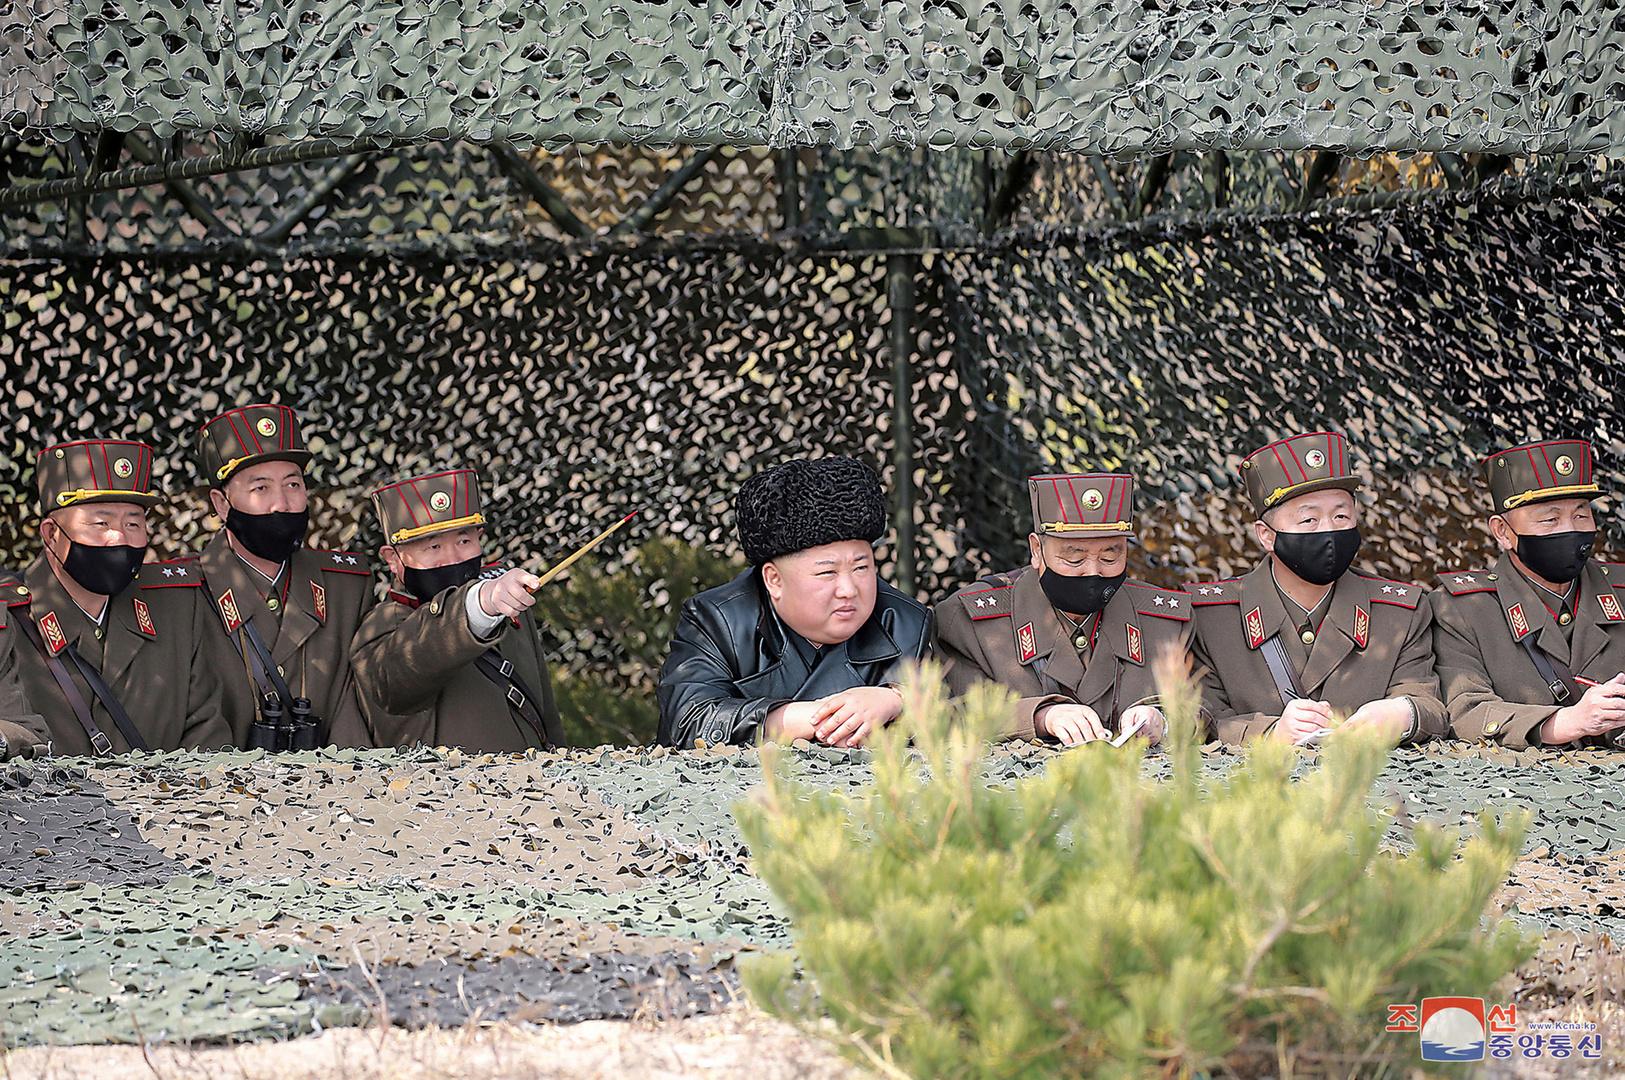 حرس السواحل الياباني وجيش كوريا الجنوبية: كوريا الشمالية أطلقت فيما يبدو صاروخا